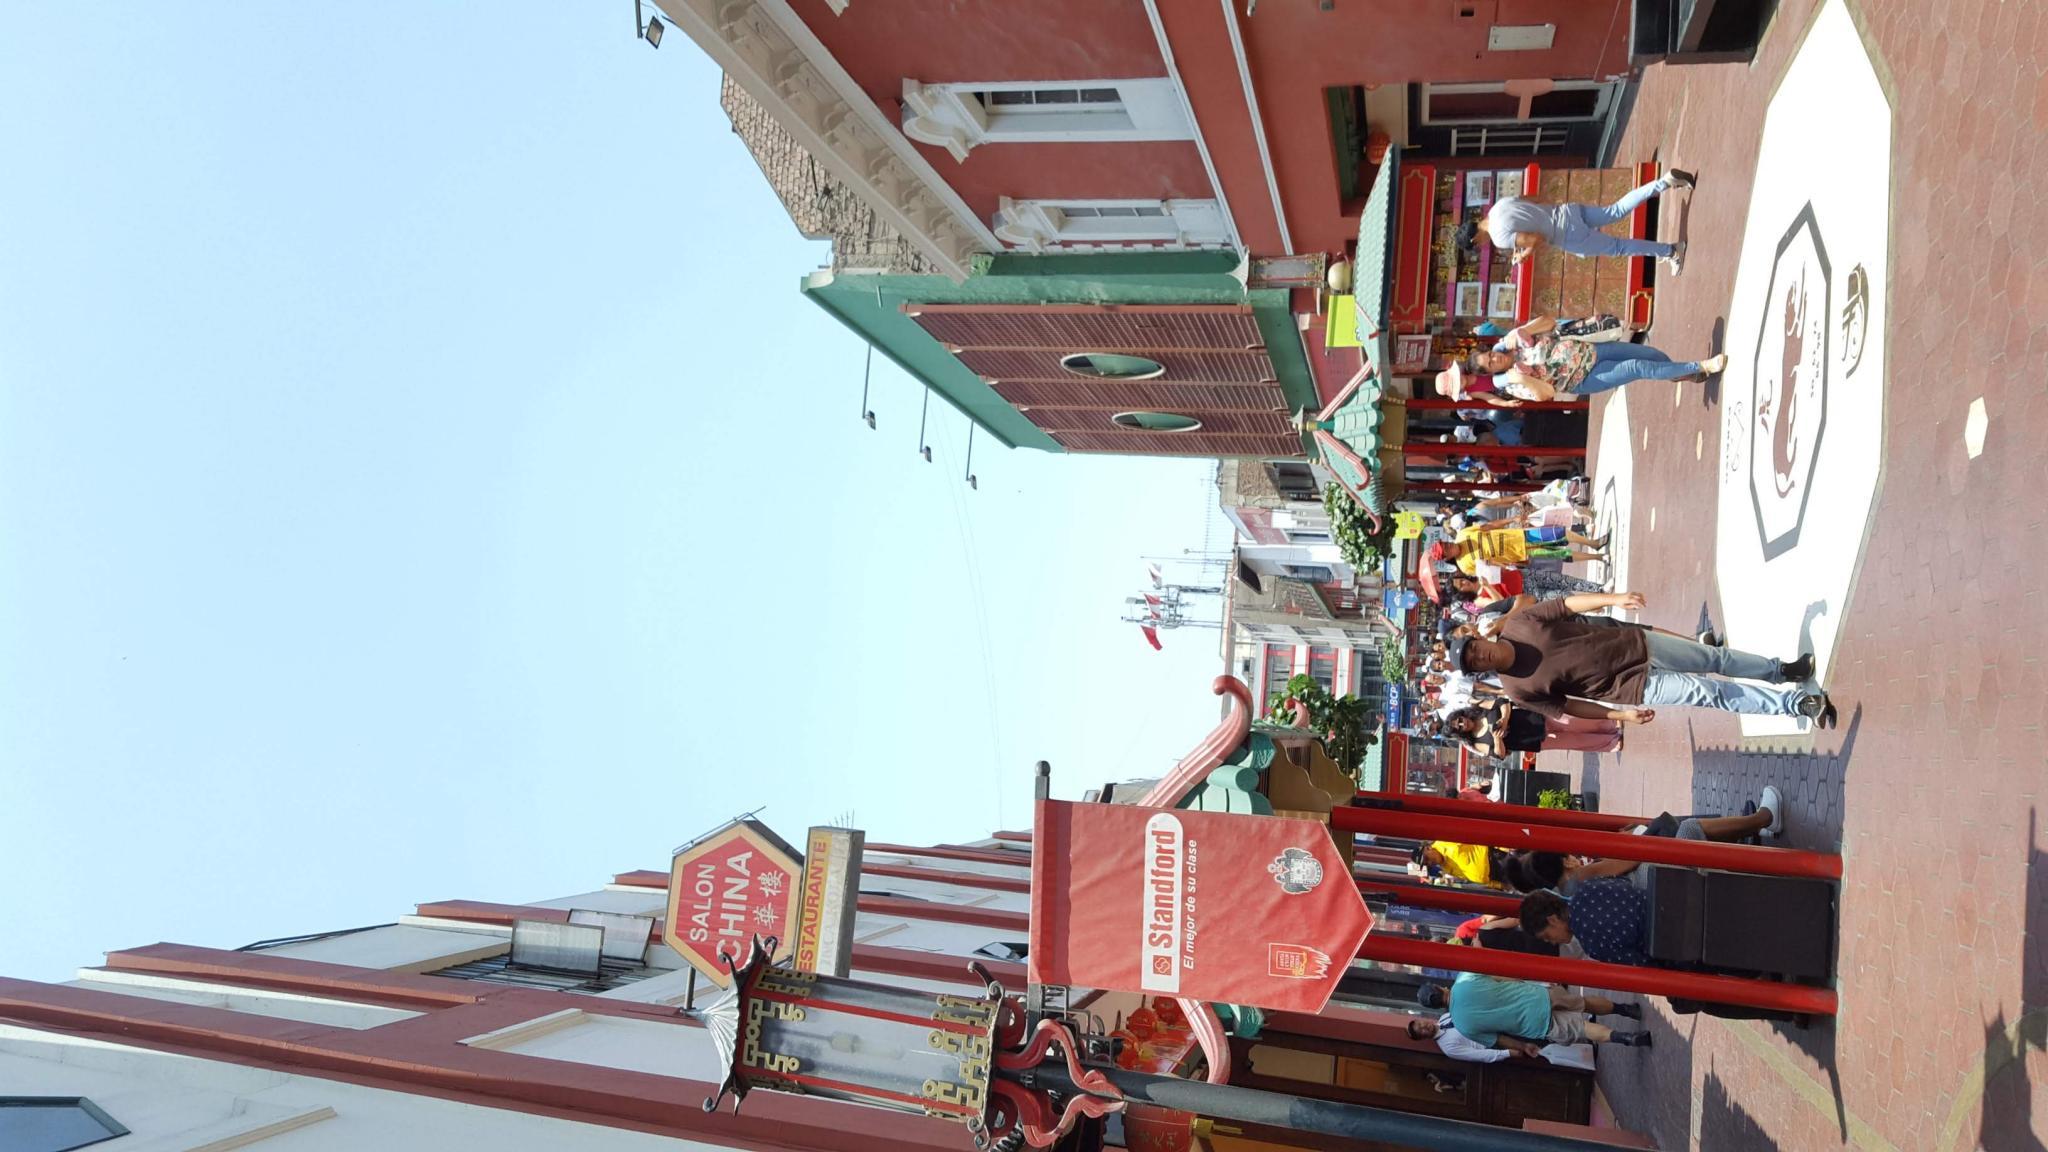 Peru: Lima, Cusco and Machu Picchu-chinatown-jpg